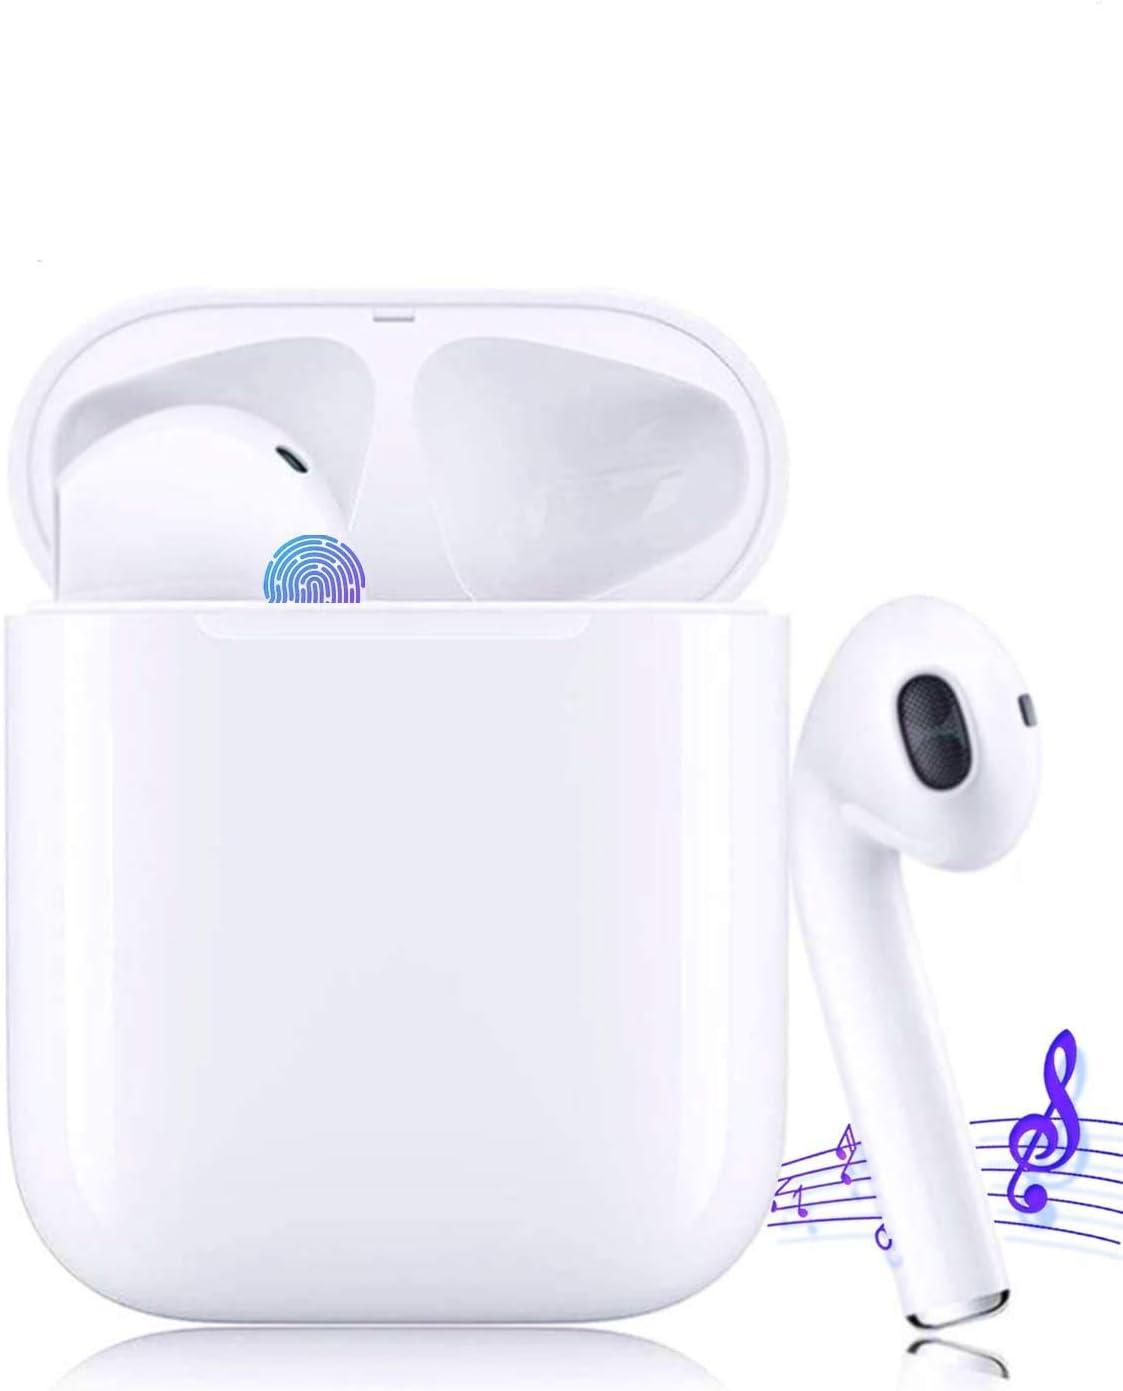 Auricular inalámbrico Bluetooth 5.0, Auricular inalámbrico estéreo 3D con función Impermeable IPX5, emparejamiento automático, con Caja de Carga, Adecuado para Deportes y Ocio.